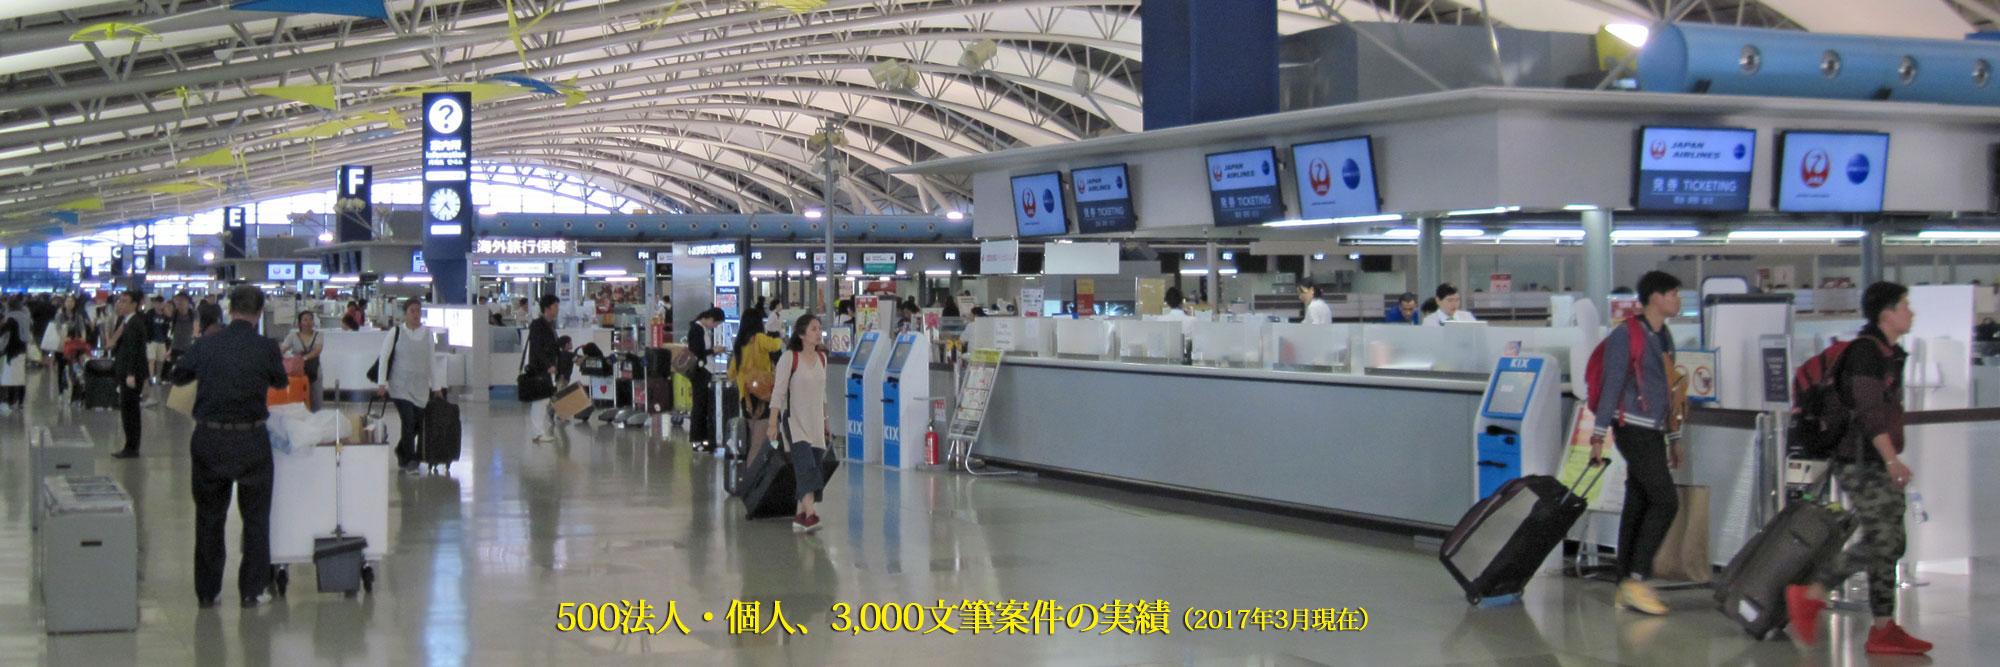 関西ライターミナル(旧関西ライター名鑑)